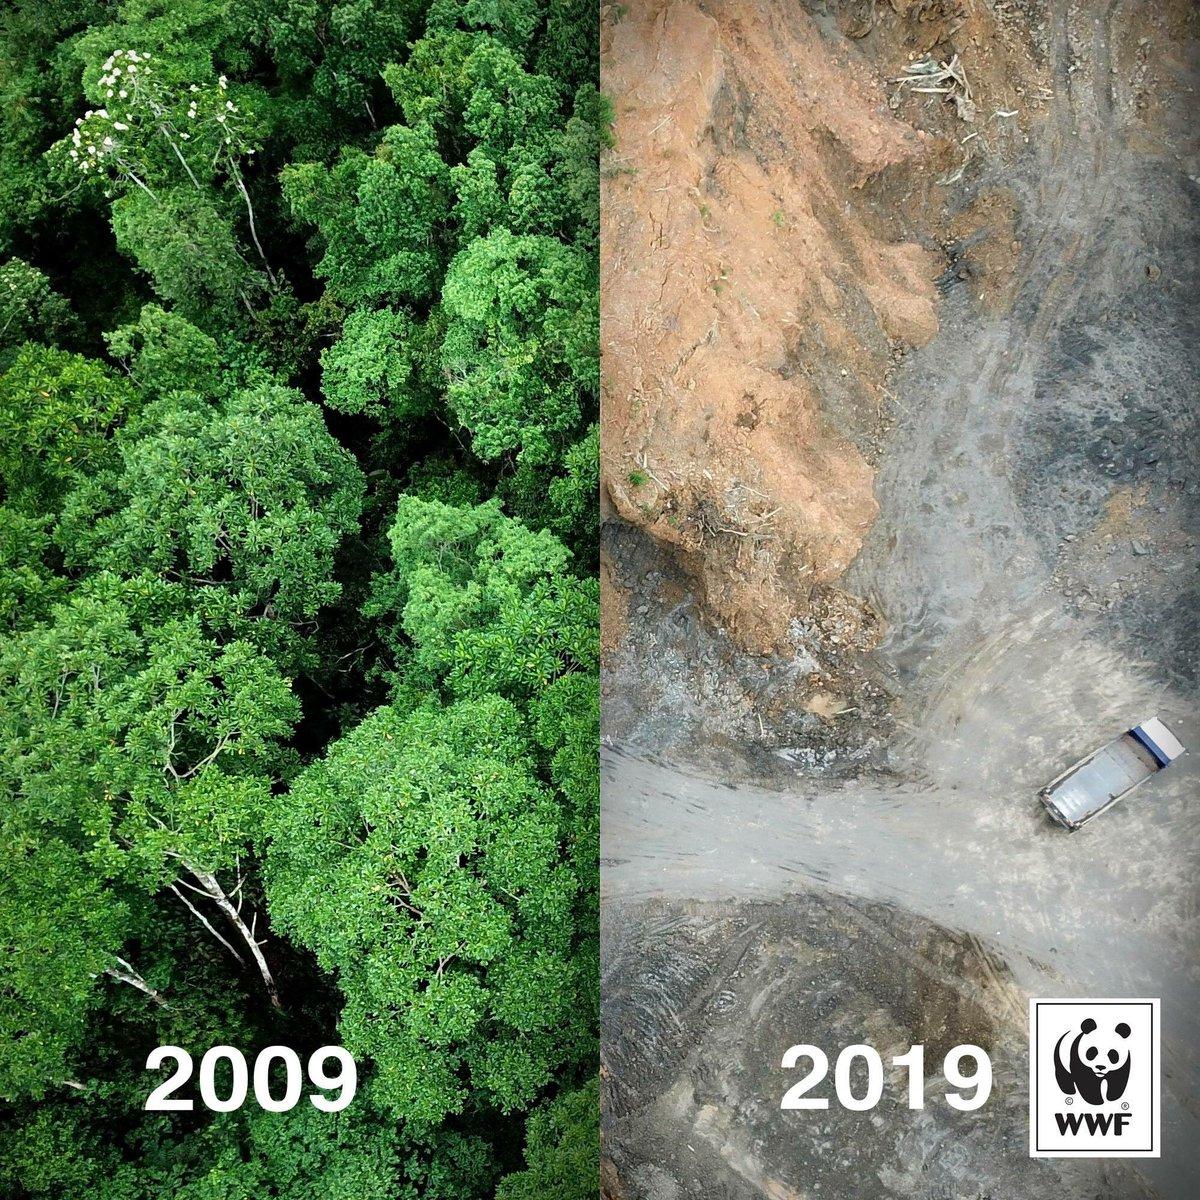 Campagna di sensibilizzazione ambientale del WWF #10yearschallenge su Instagram